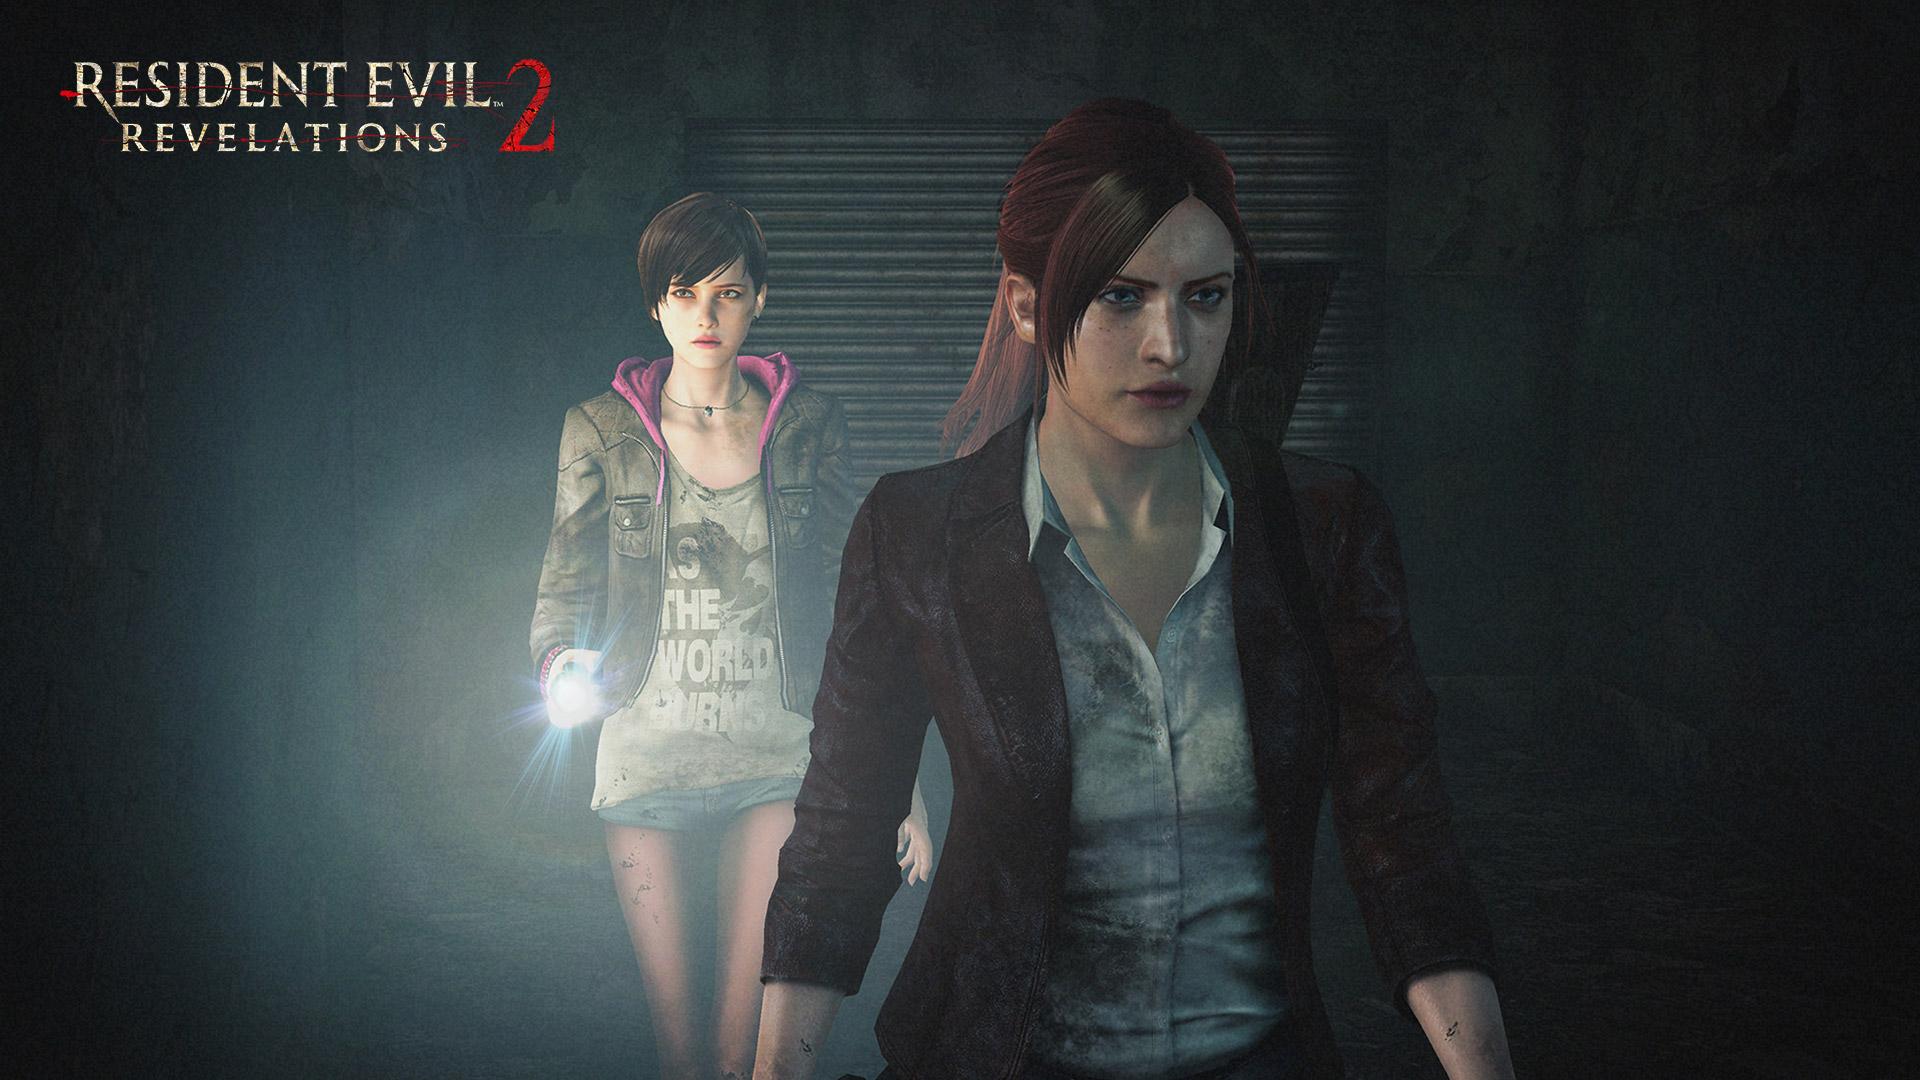 Free Resident Evil: Revelations 2 Wallpaper in 1920x1080